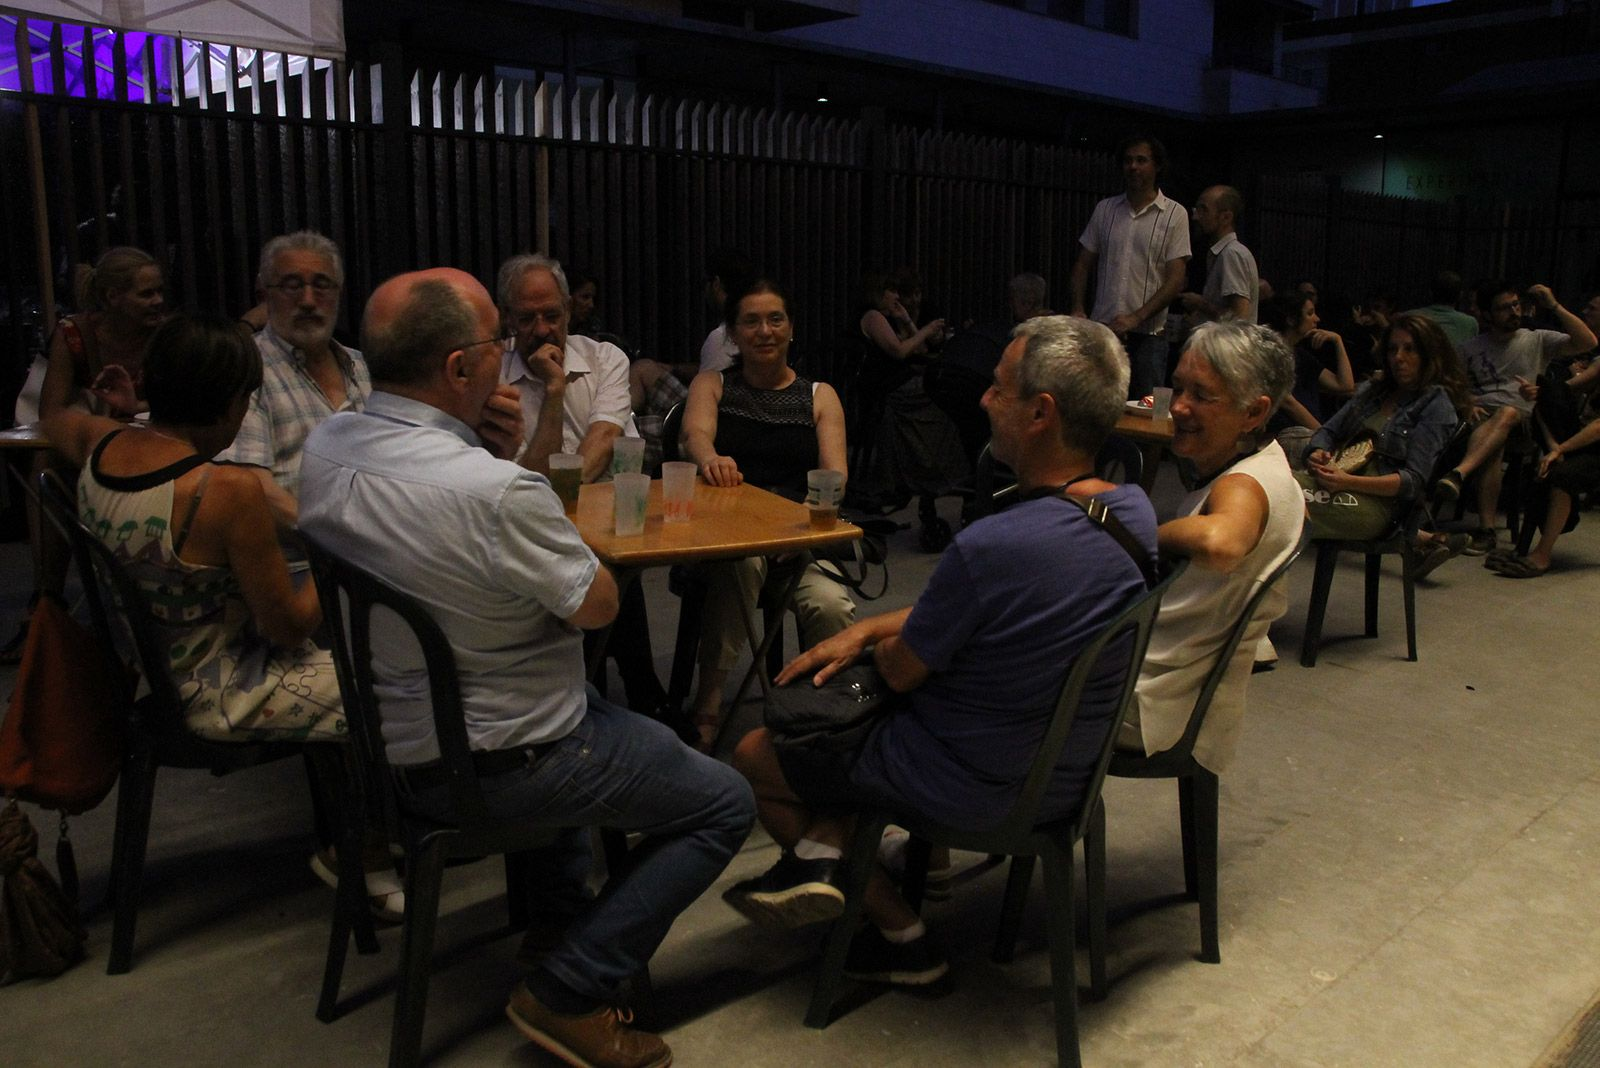 Música i sopar a la plaça del Jazz. FOTO: Paula Galván